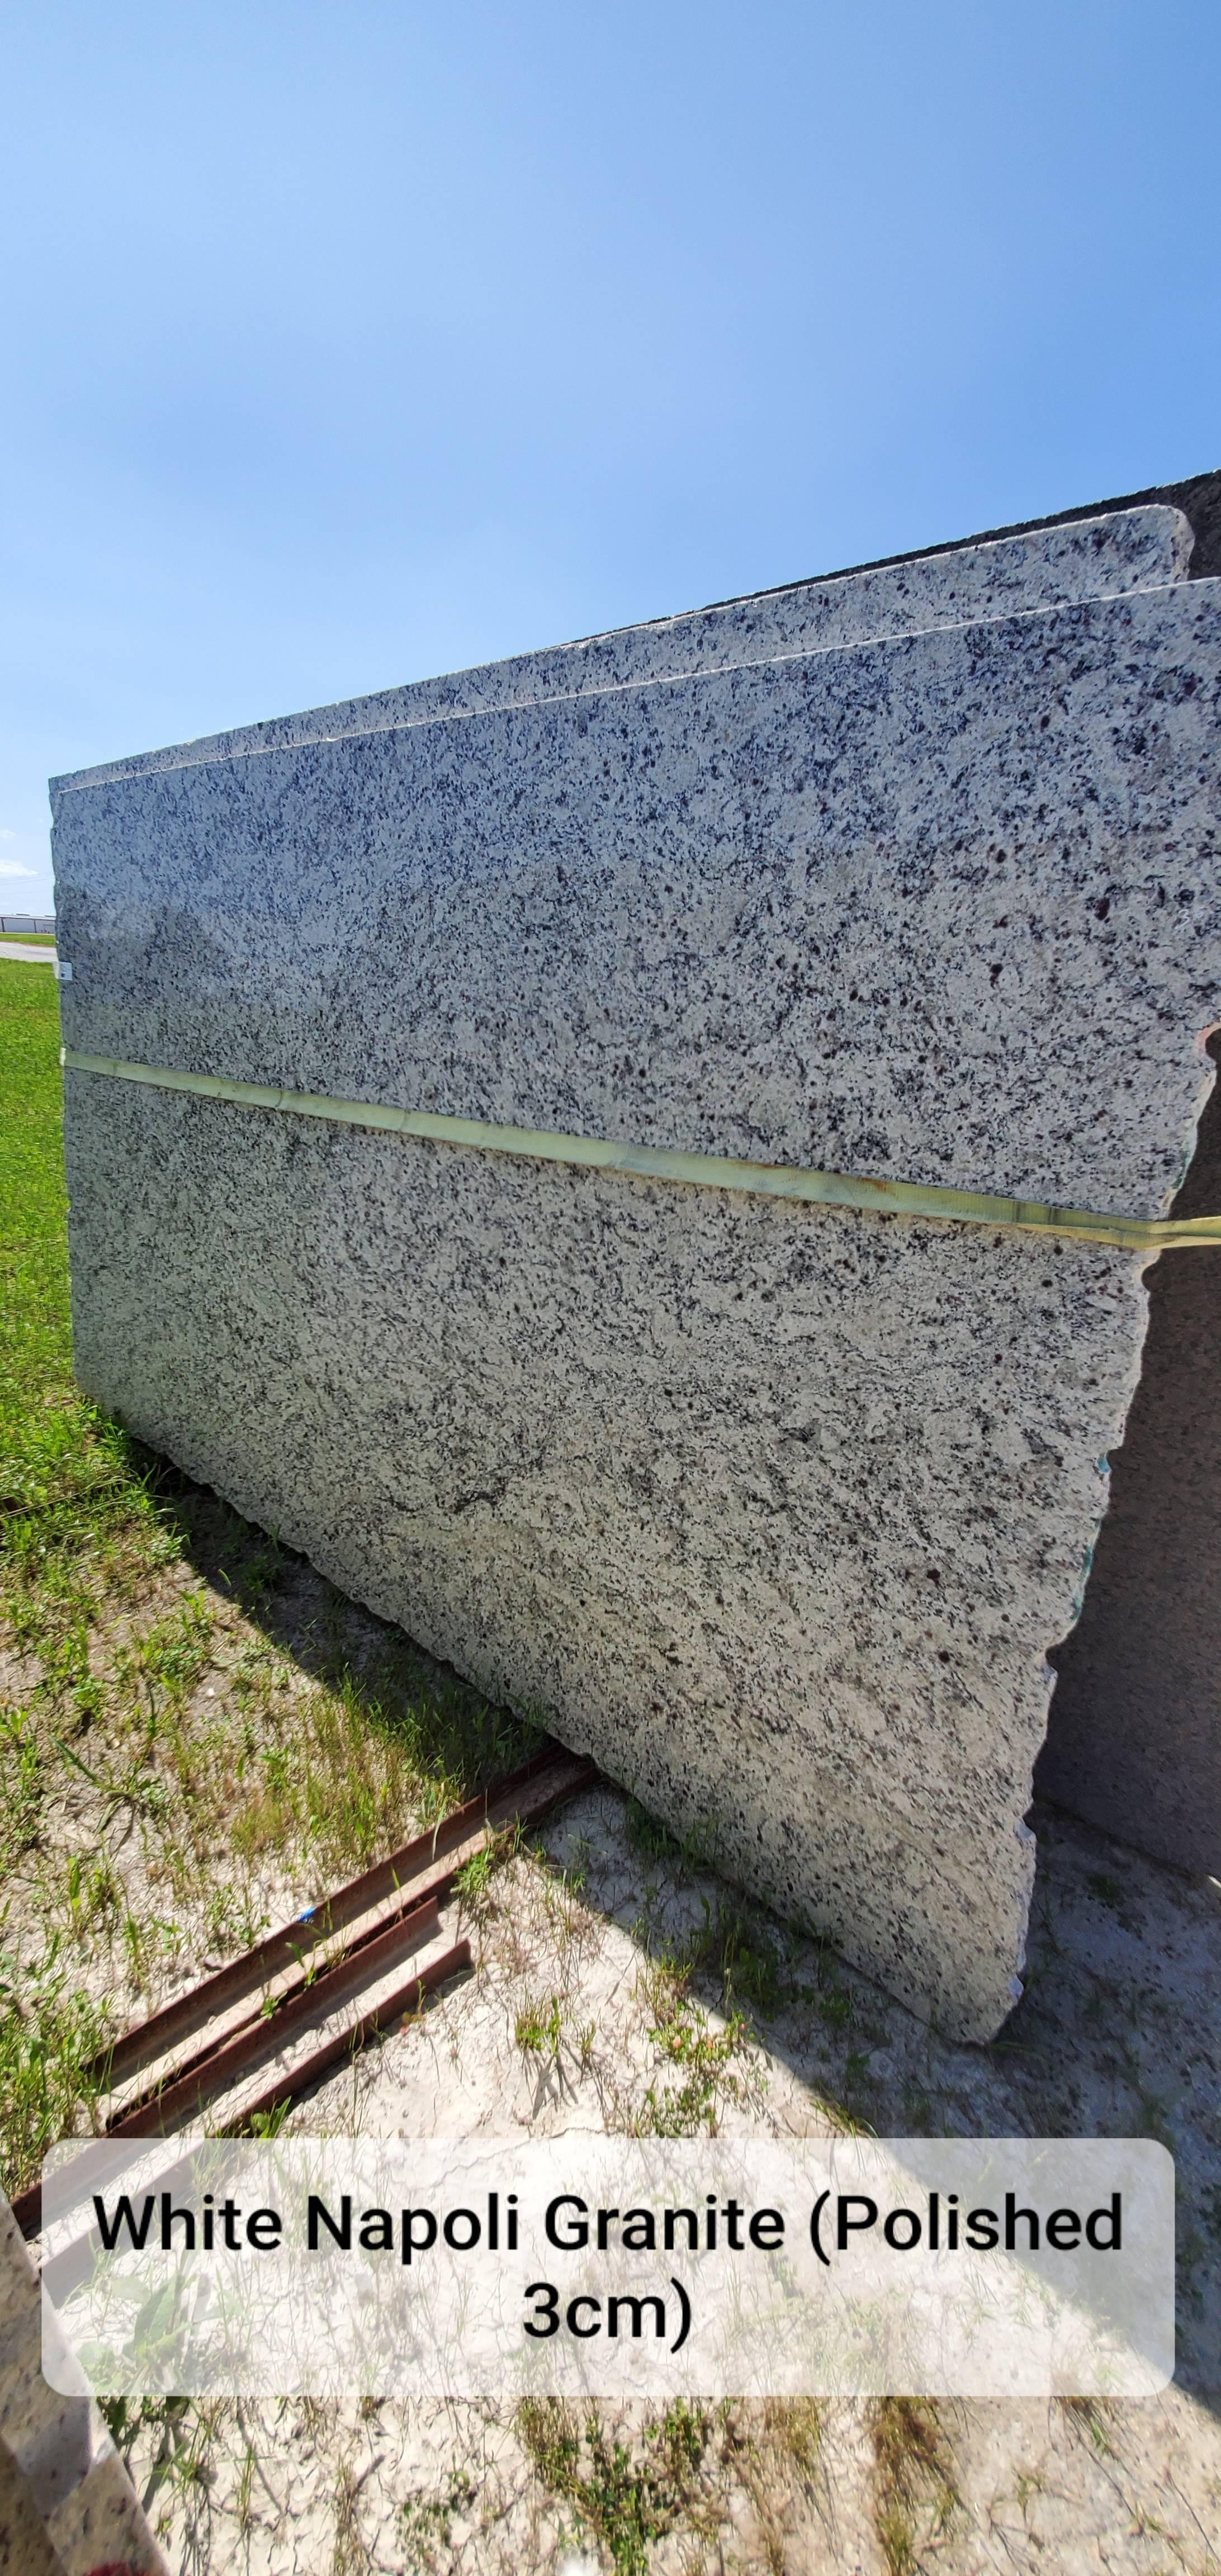 White Napoli Granite (P 3CM)